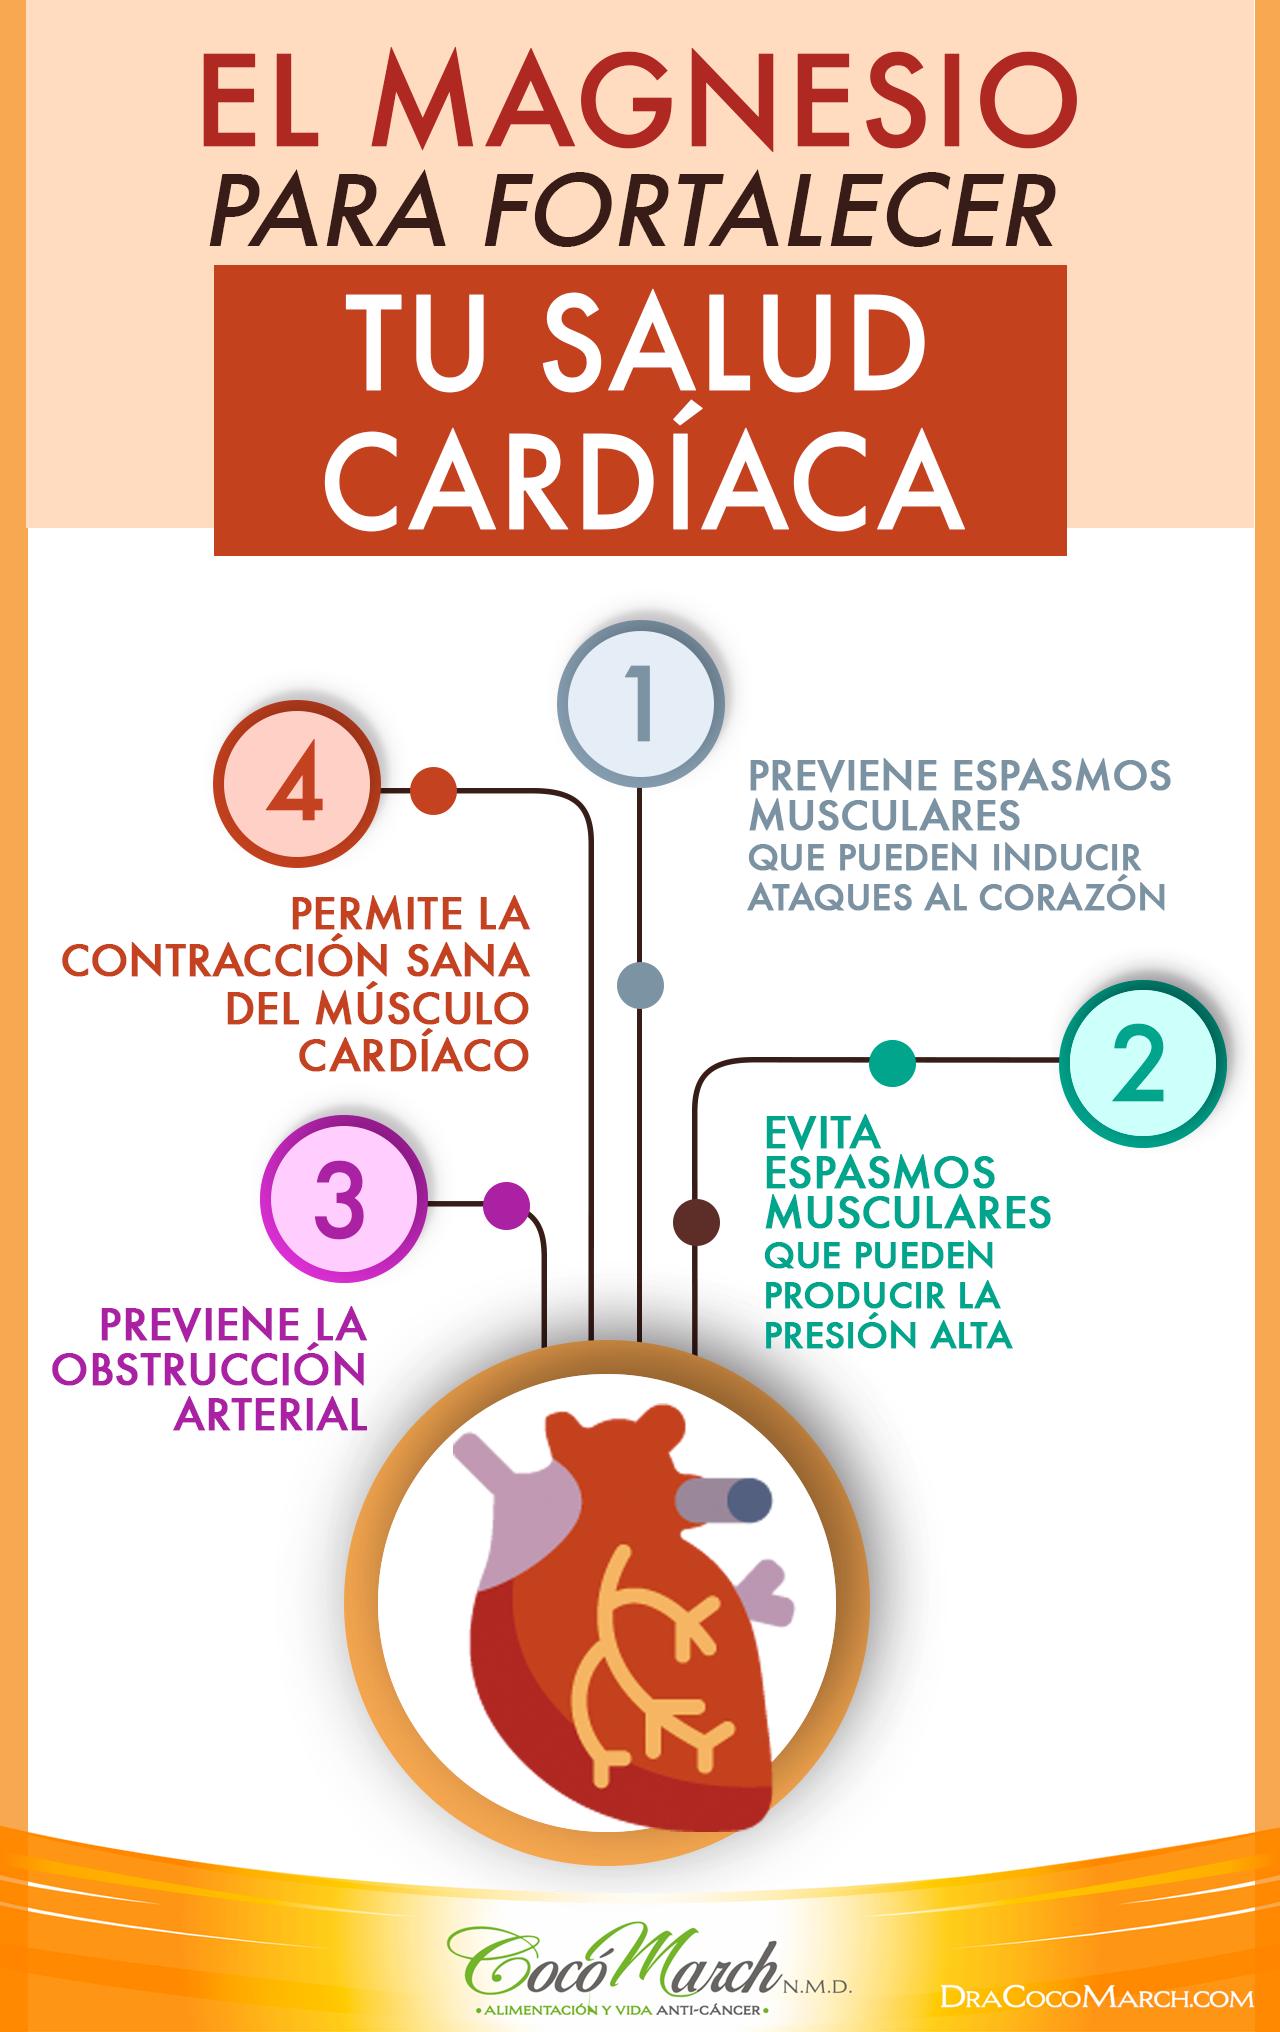 el-magnesio-para-fortalecer-tu-salud-cardiaca